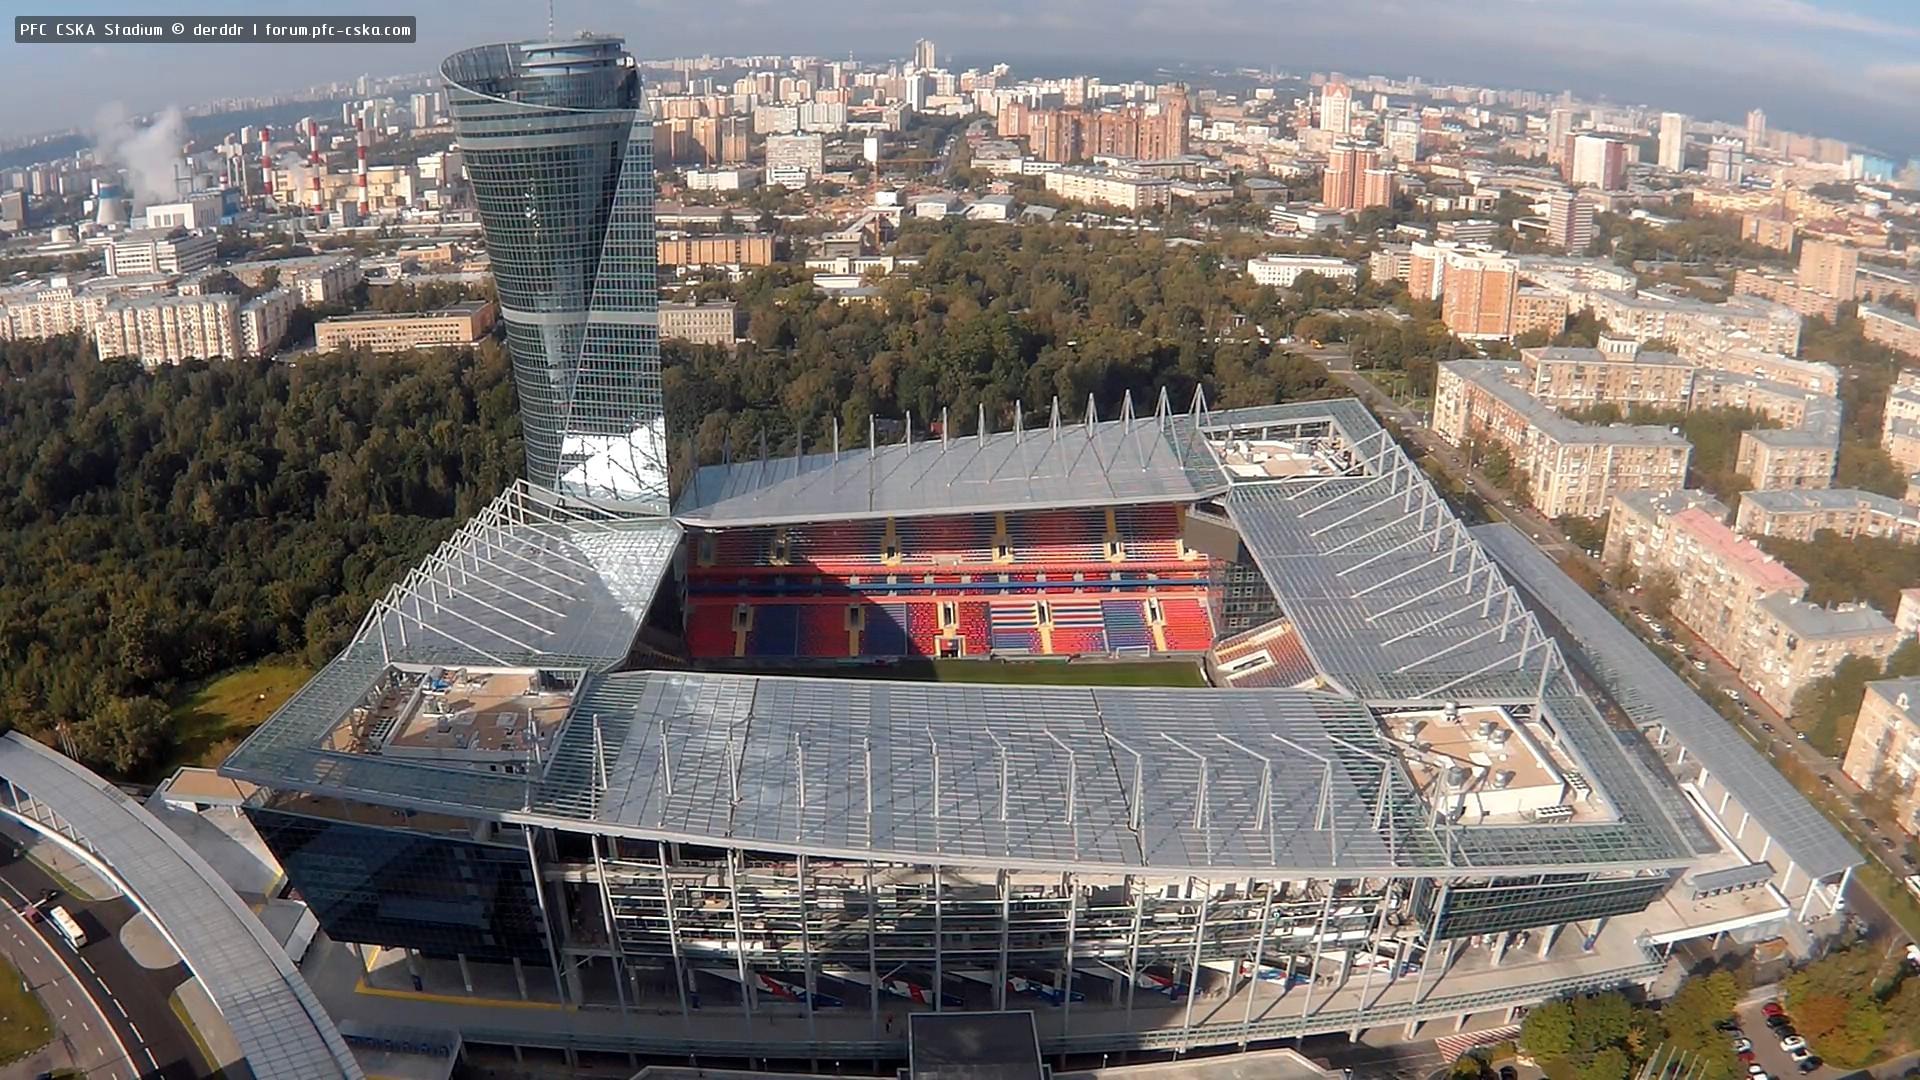 показать фото стадиона арена цска интернет, сегда чистое